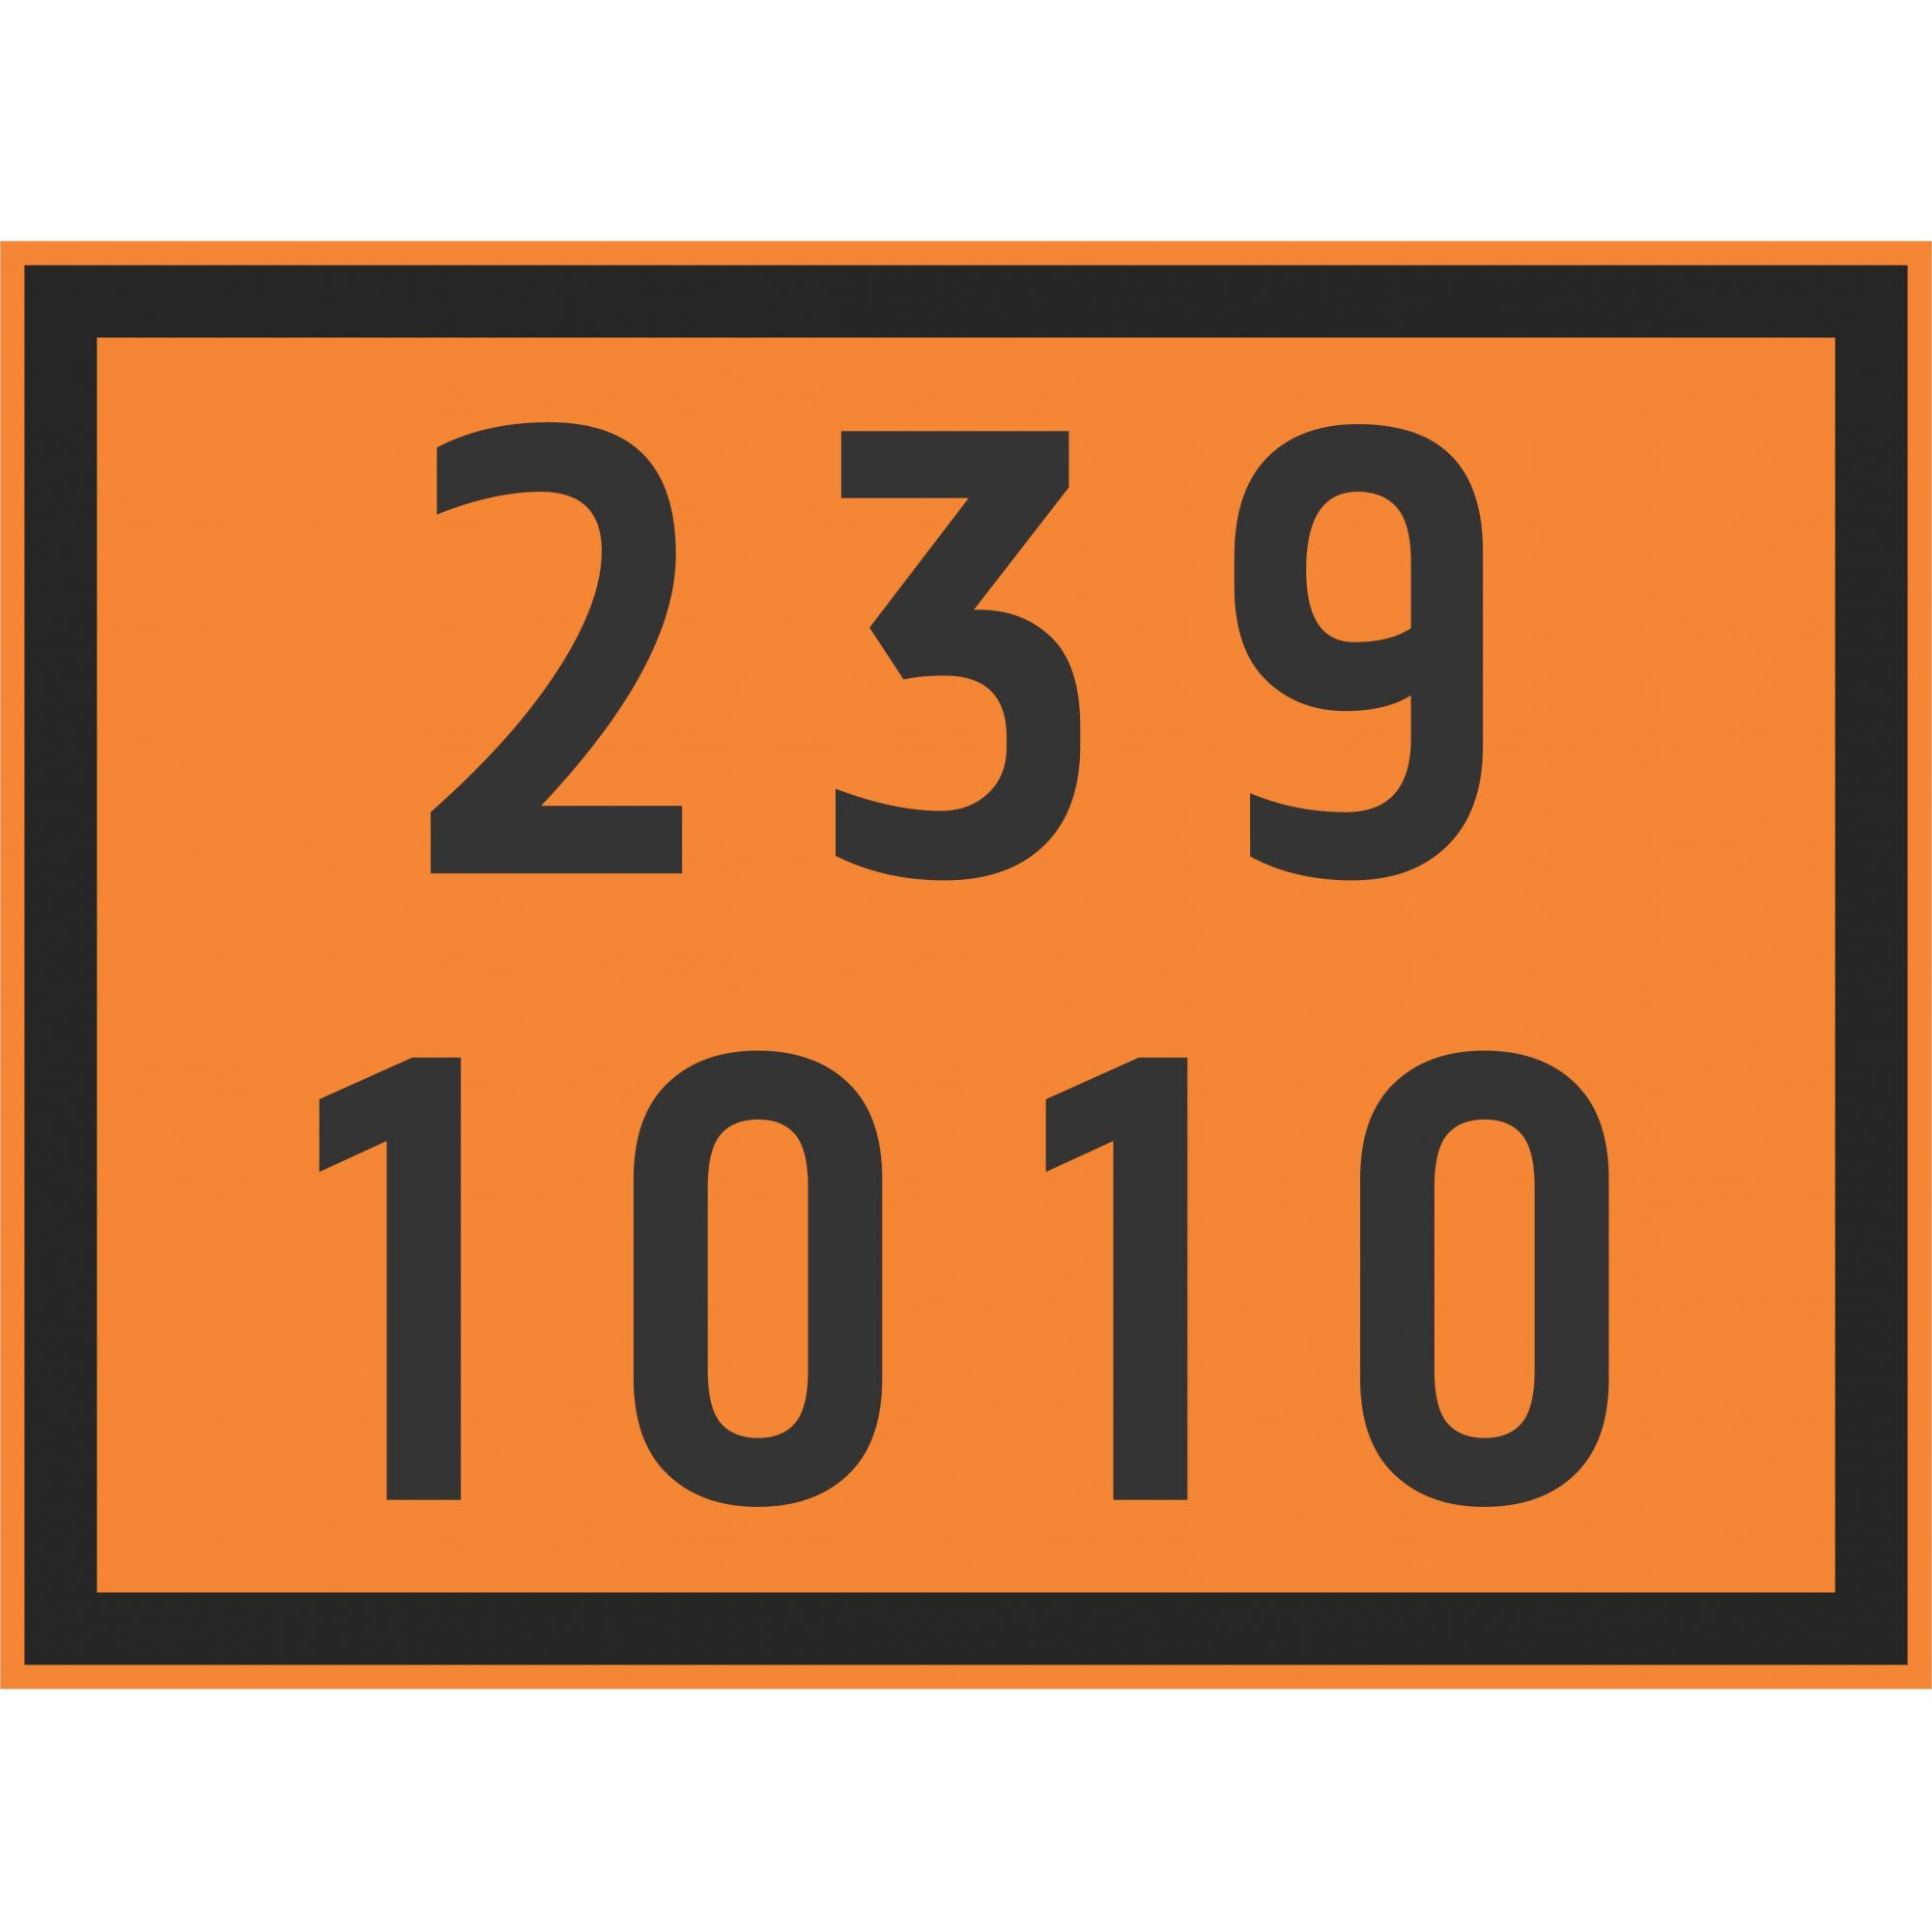 BUTADIENOS 1010  - Towbar Sinalização de Segurança